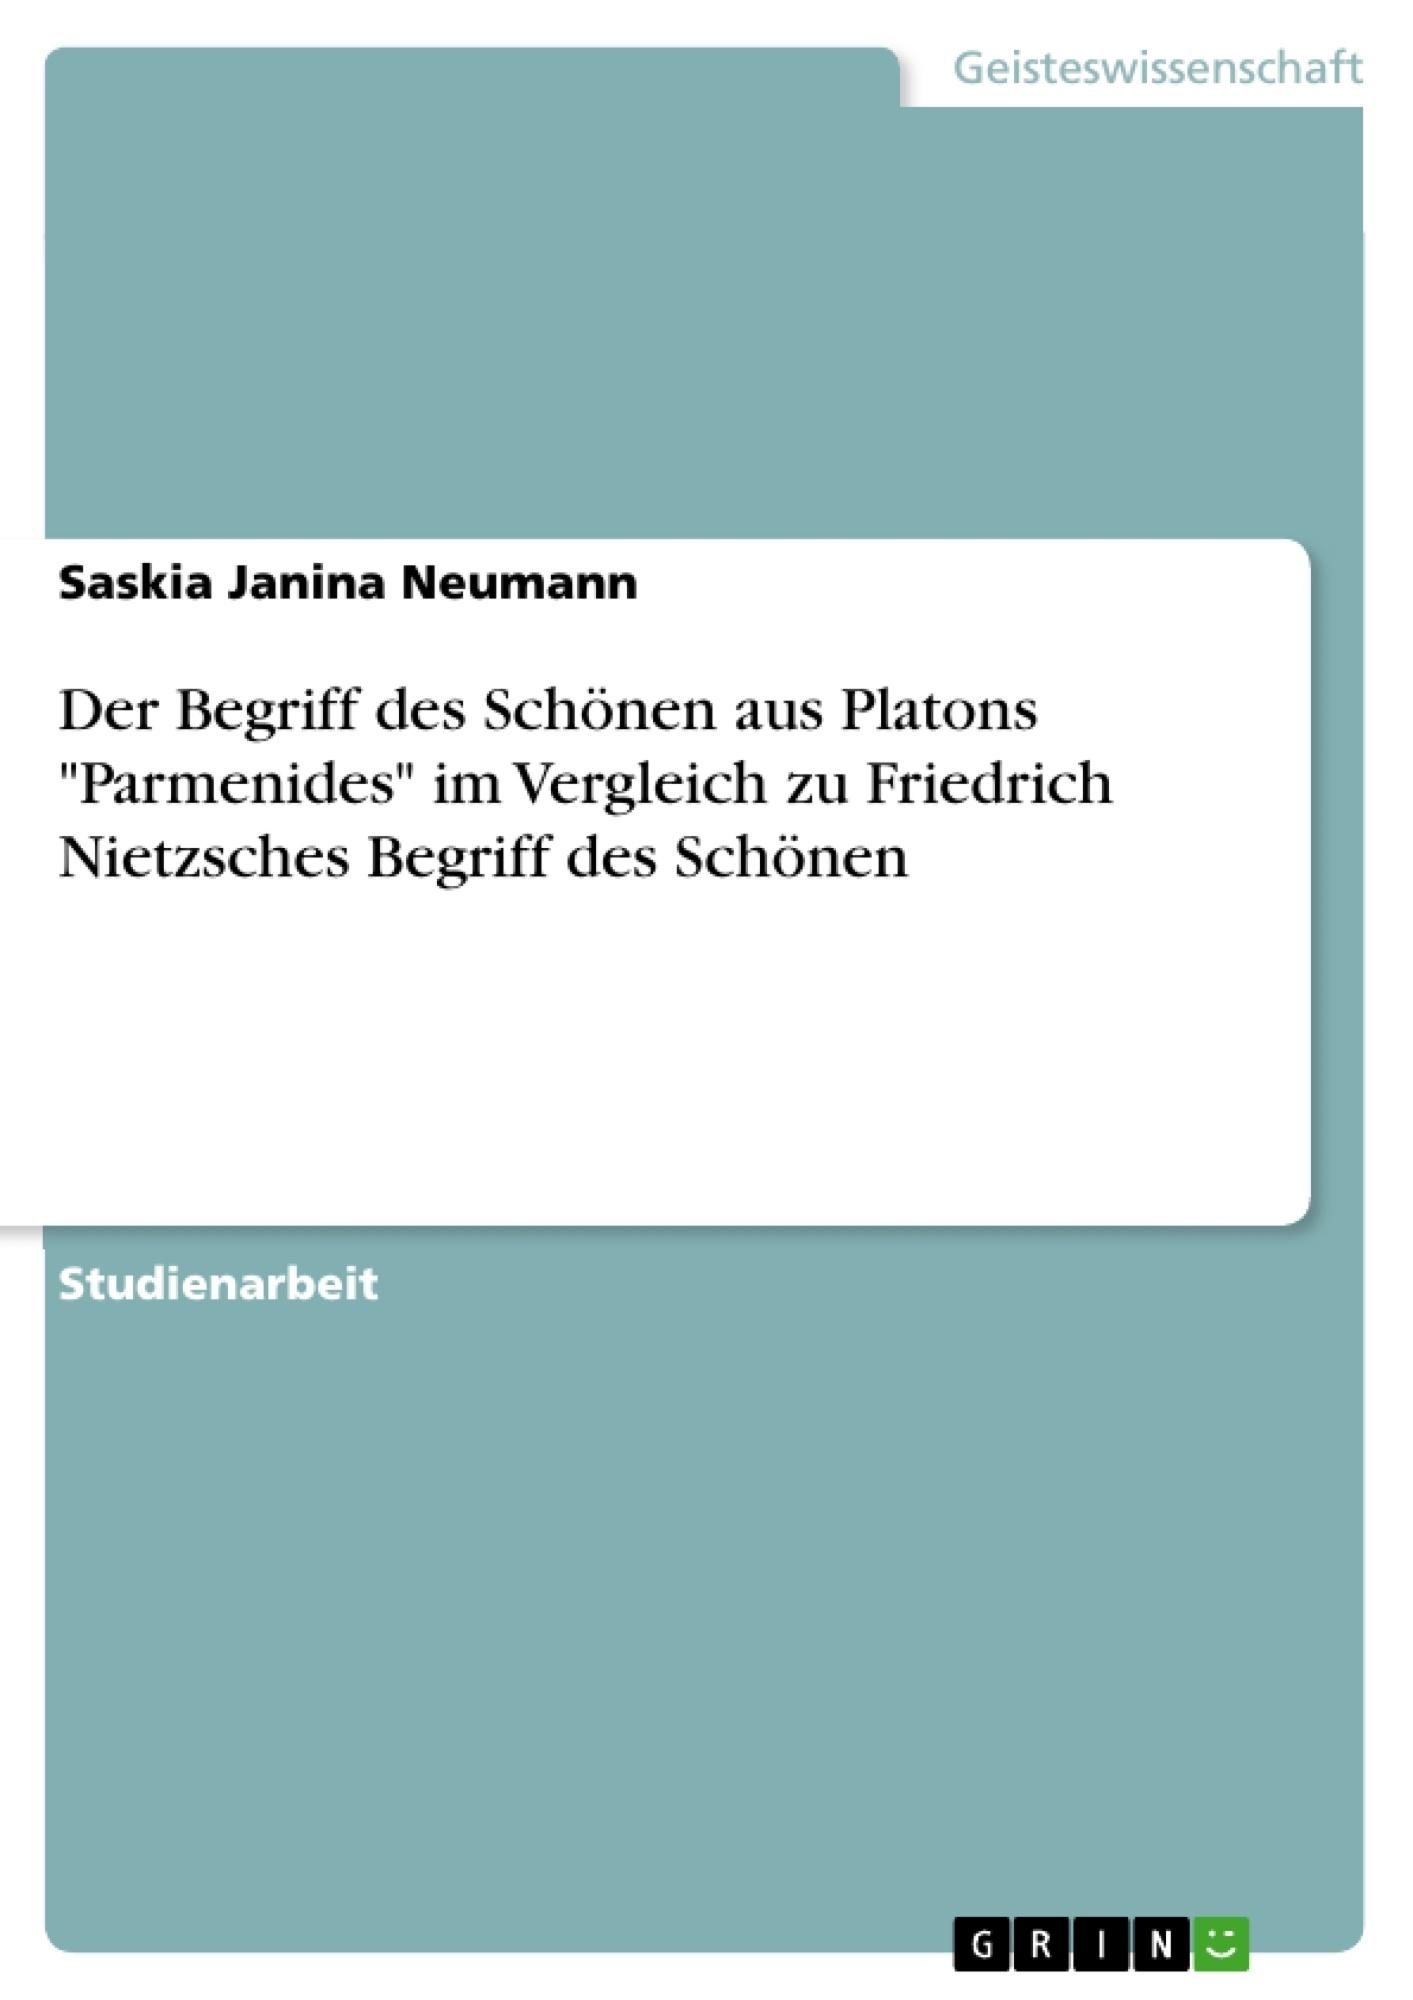 """Titel: Der Begriff des Schönen aus Platons """"Parmenides"""" im Vergleich zu Friedrich Nietzsches Begriff des Schönen"""